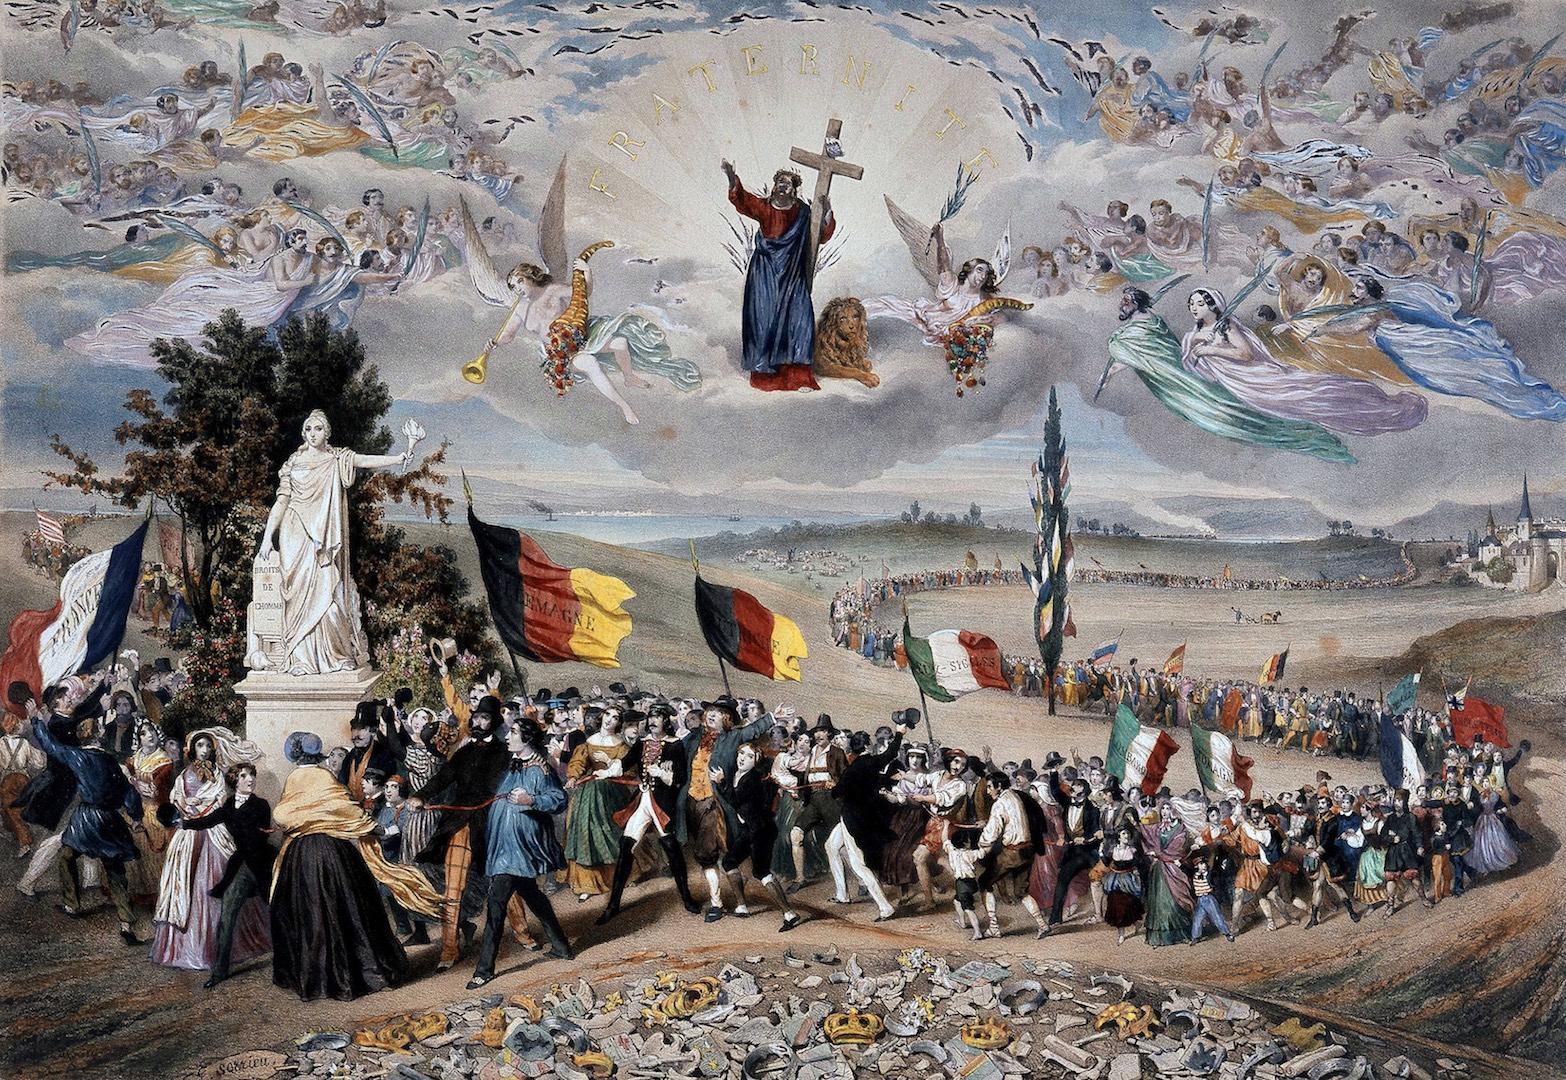 la république universelle démocratique et sociale